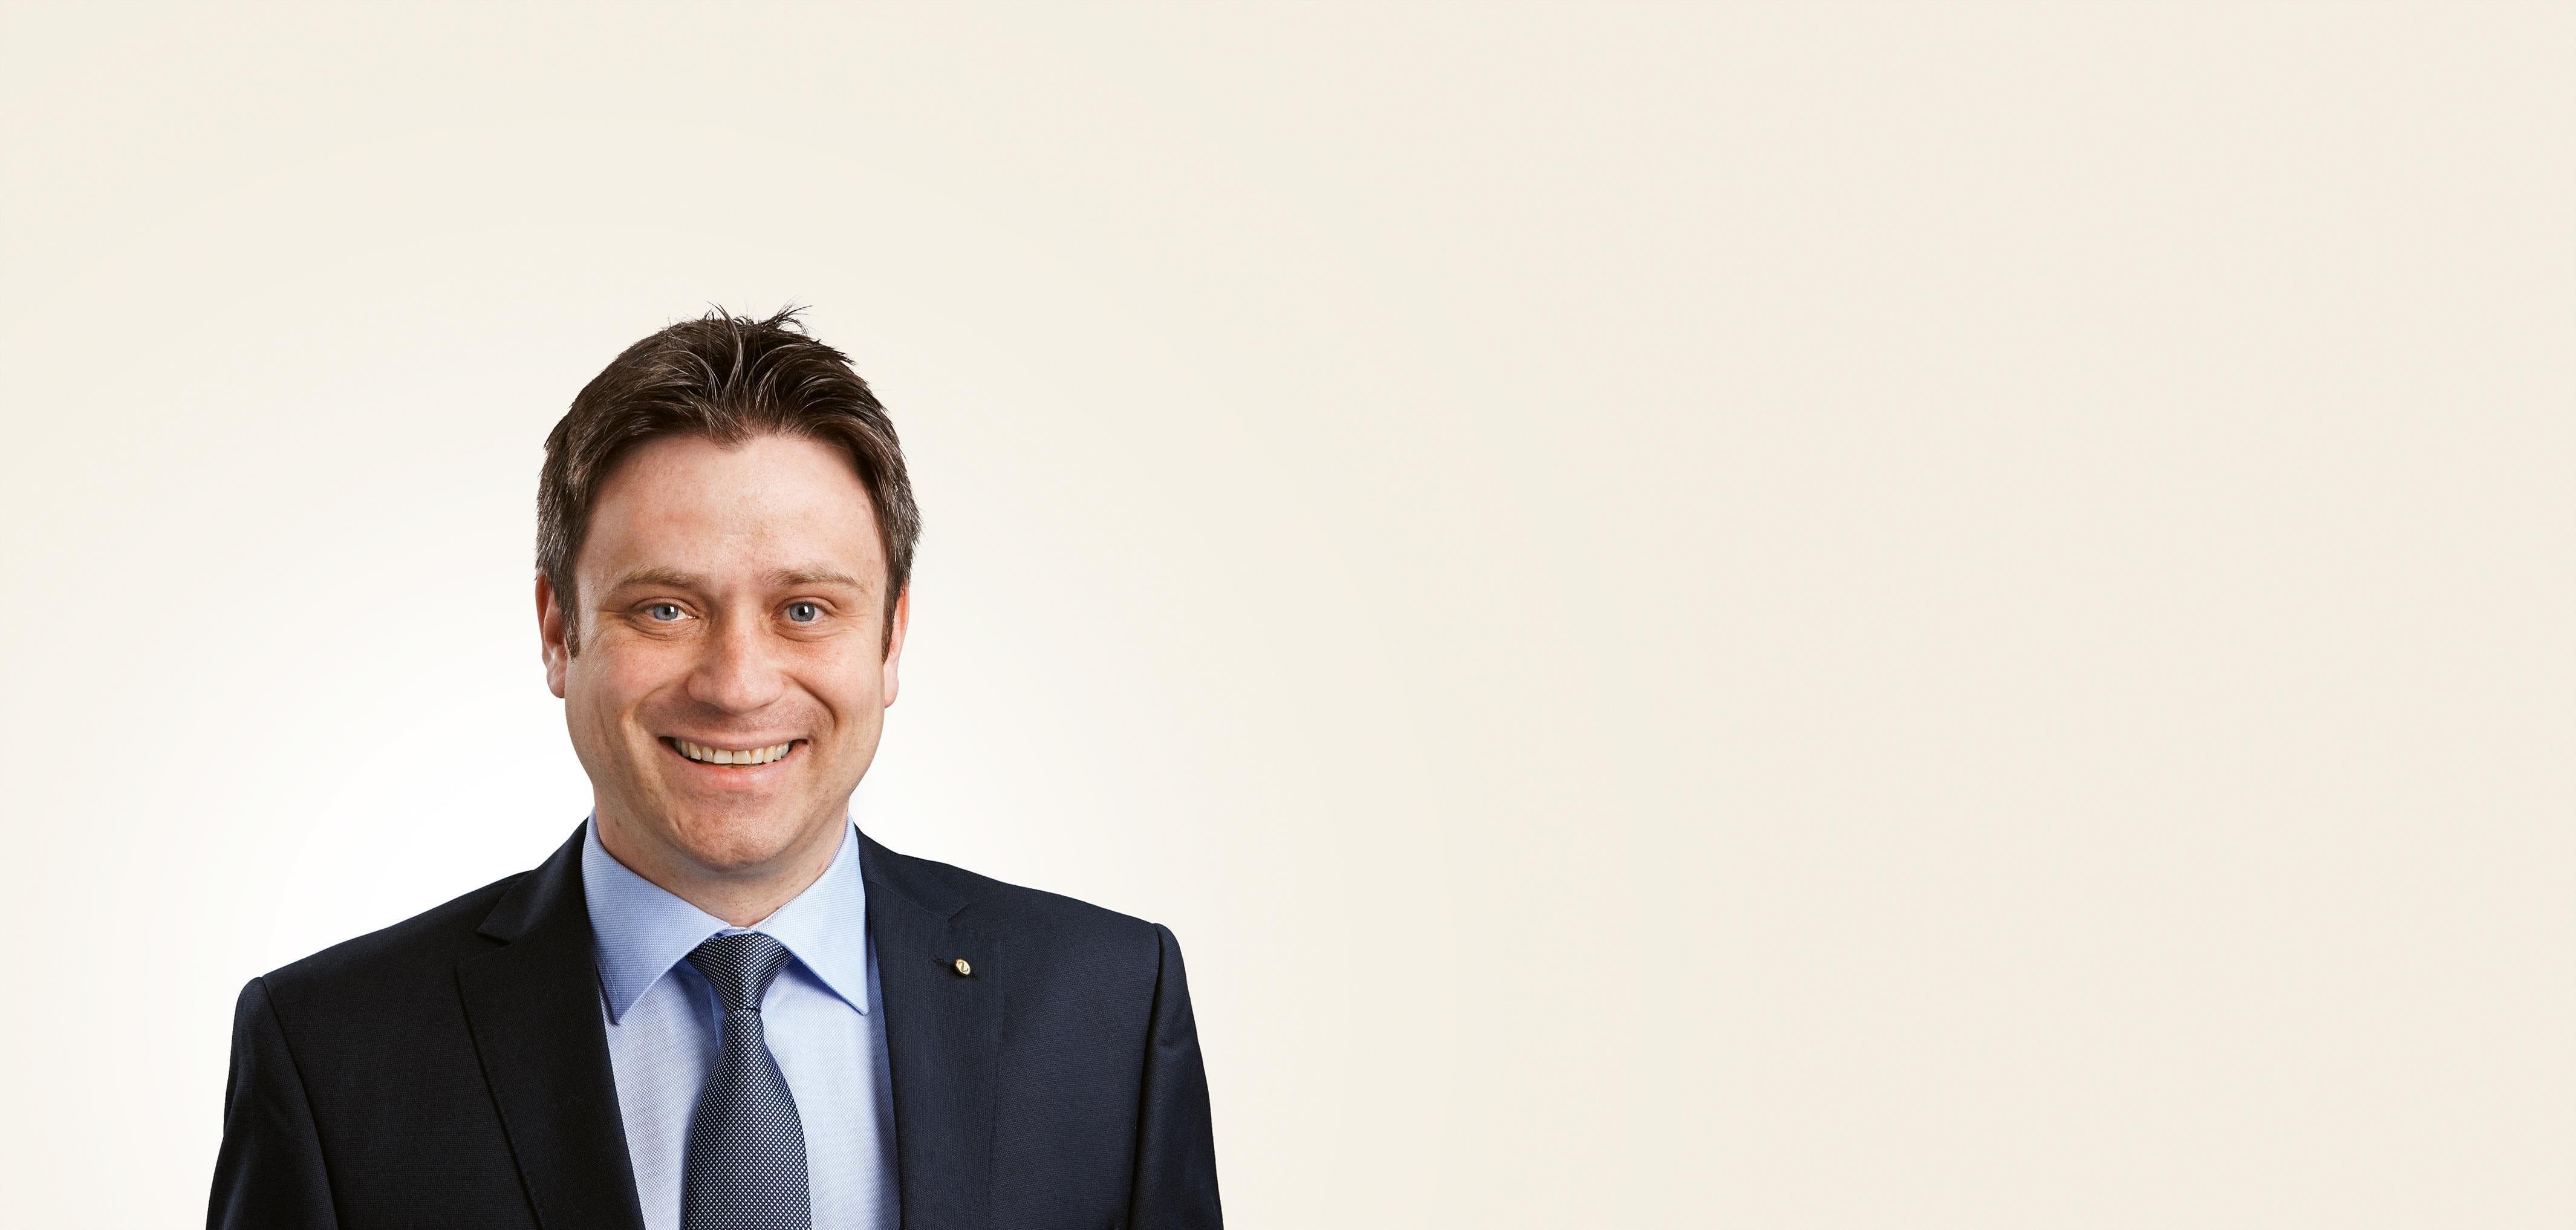 Pascal Zurbriggen